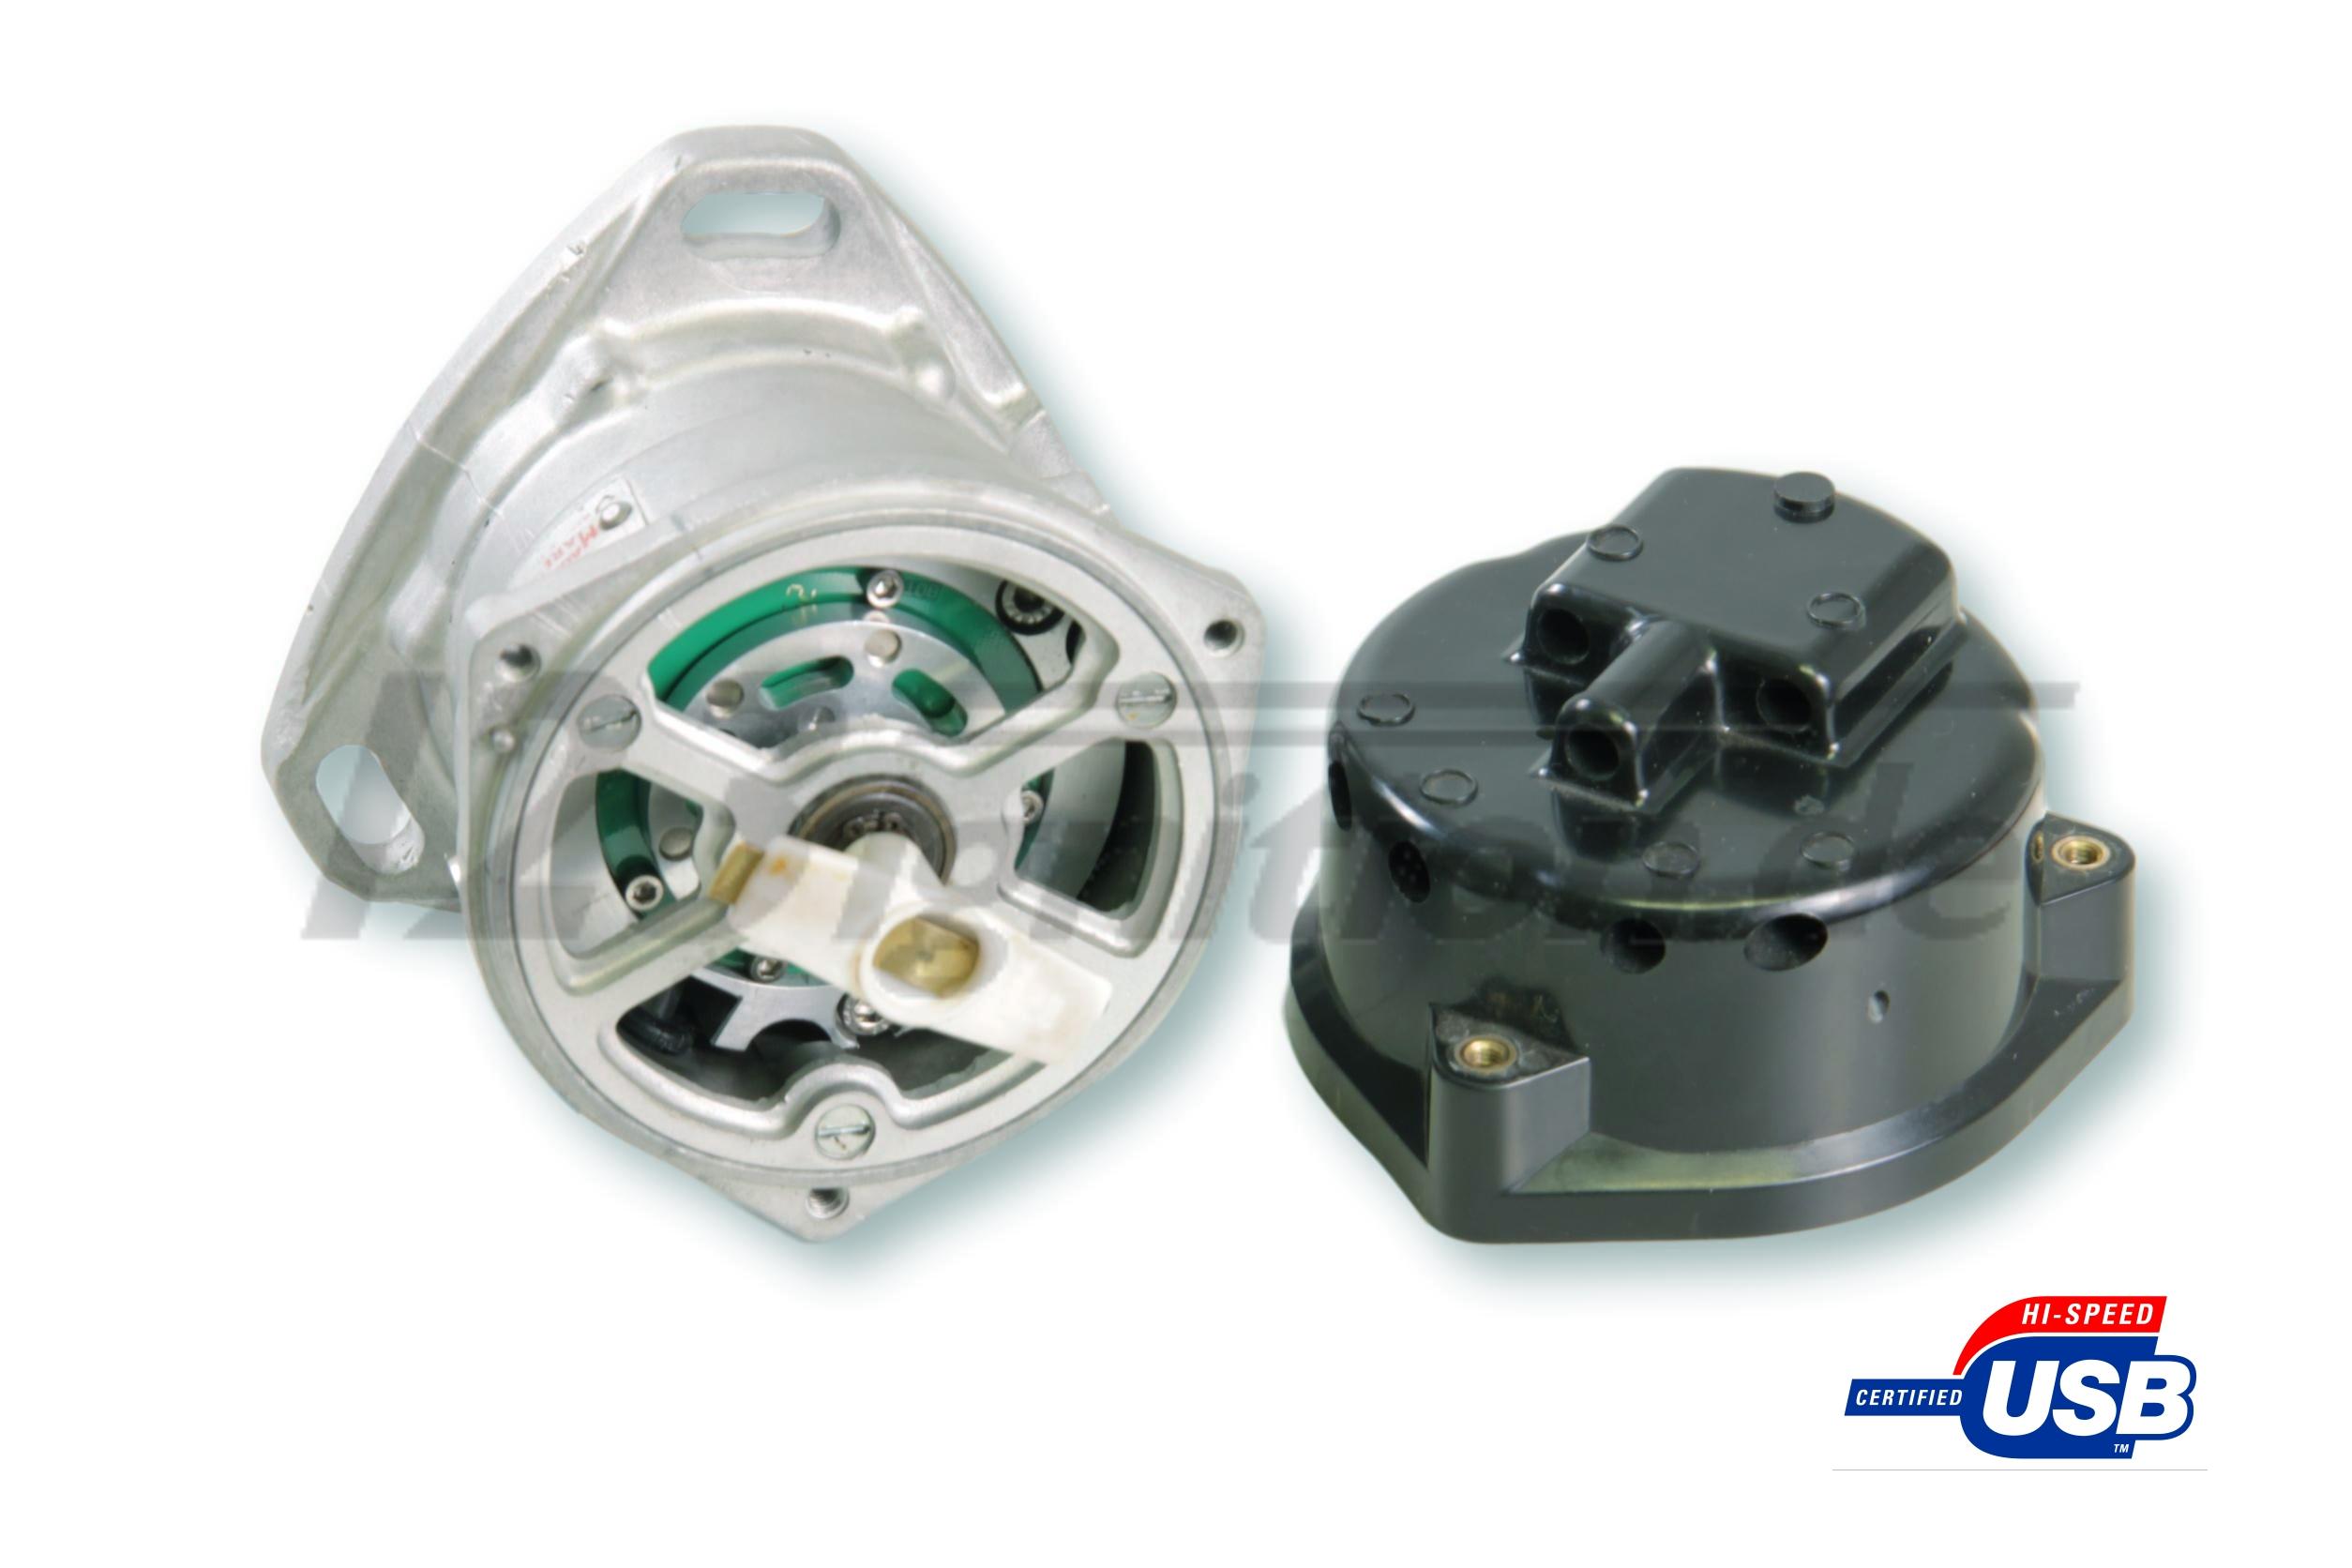 123\TUNE USB distributor for Ferrari 365 GT 2+2 open distributor cap